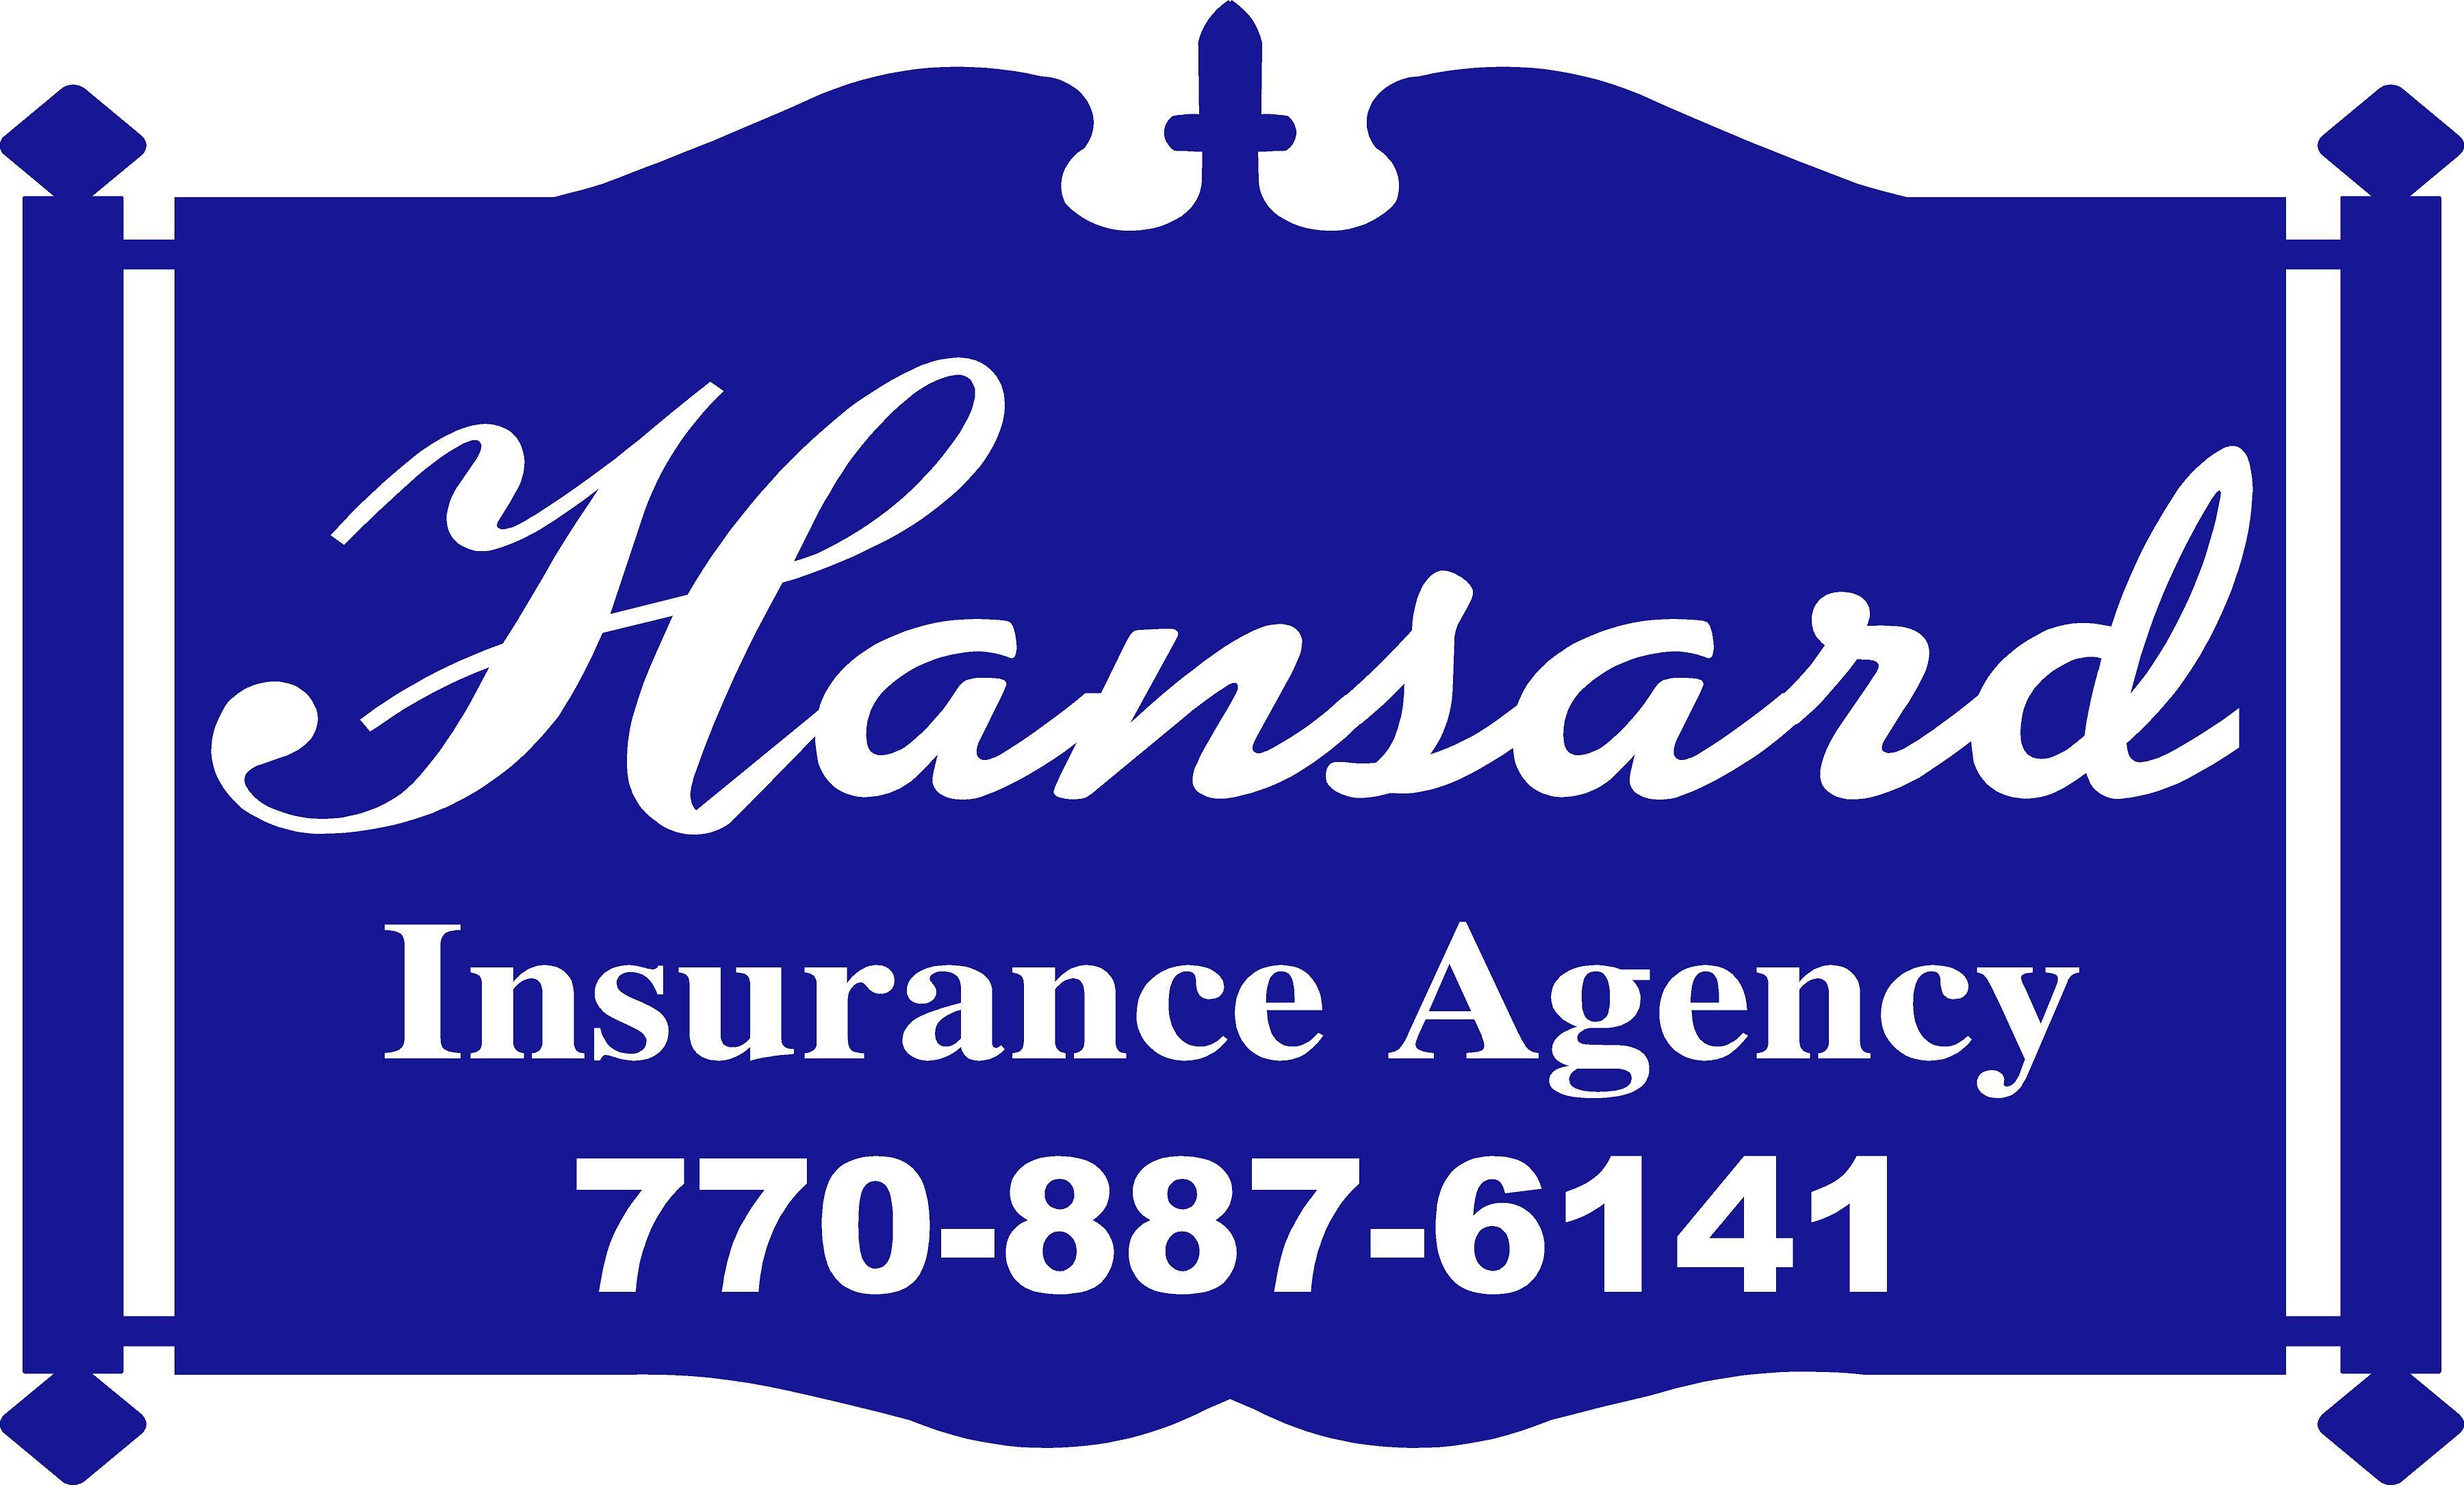 Hansard Insurance